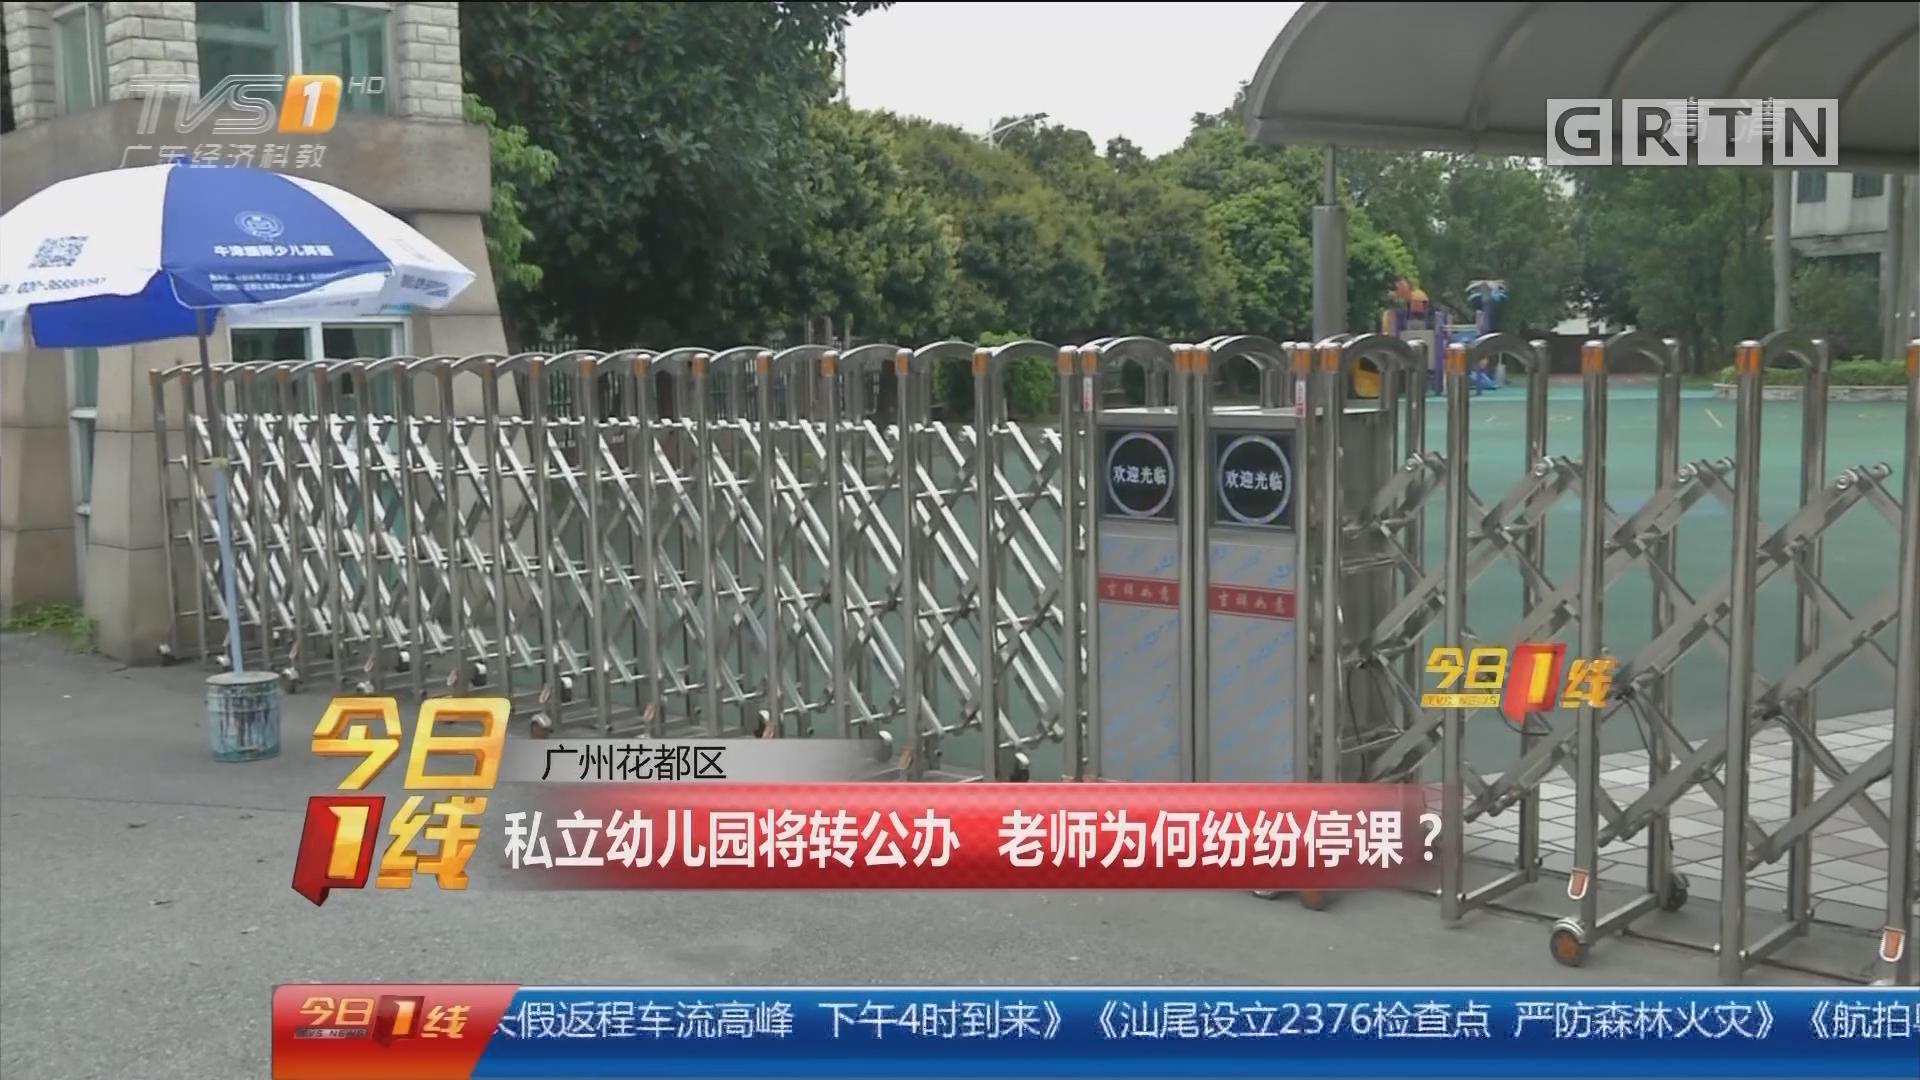 广州花都区:私立幼儿园将转公办 老师为何纷纷停课?